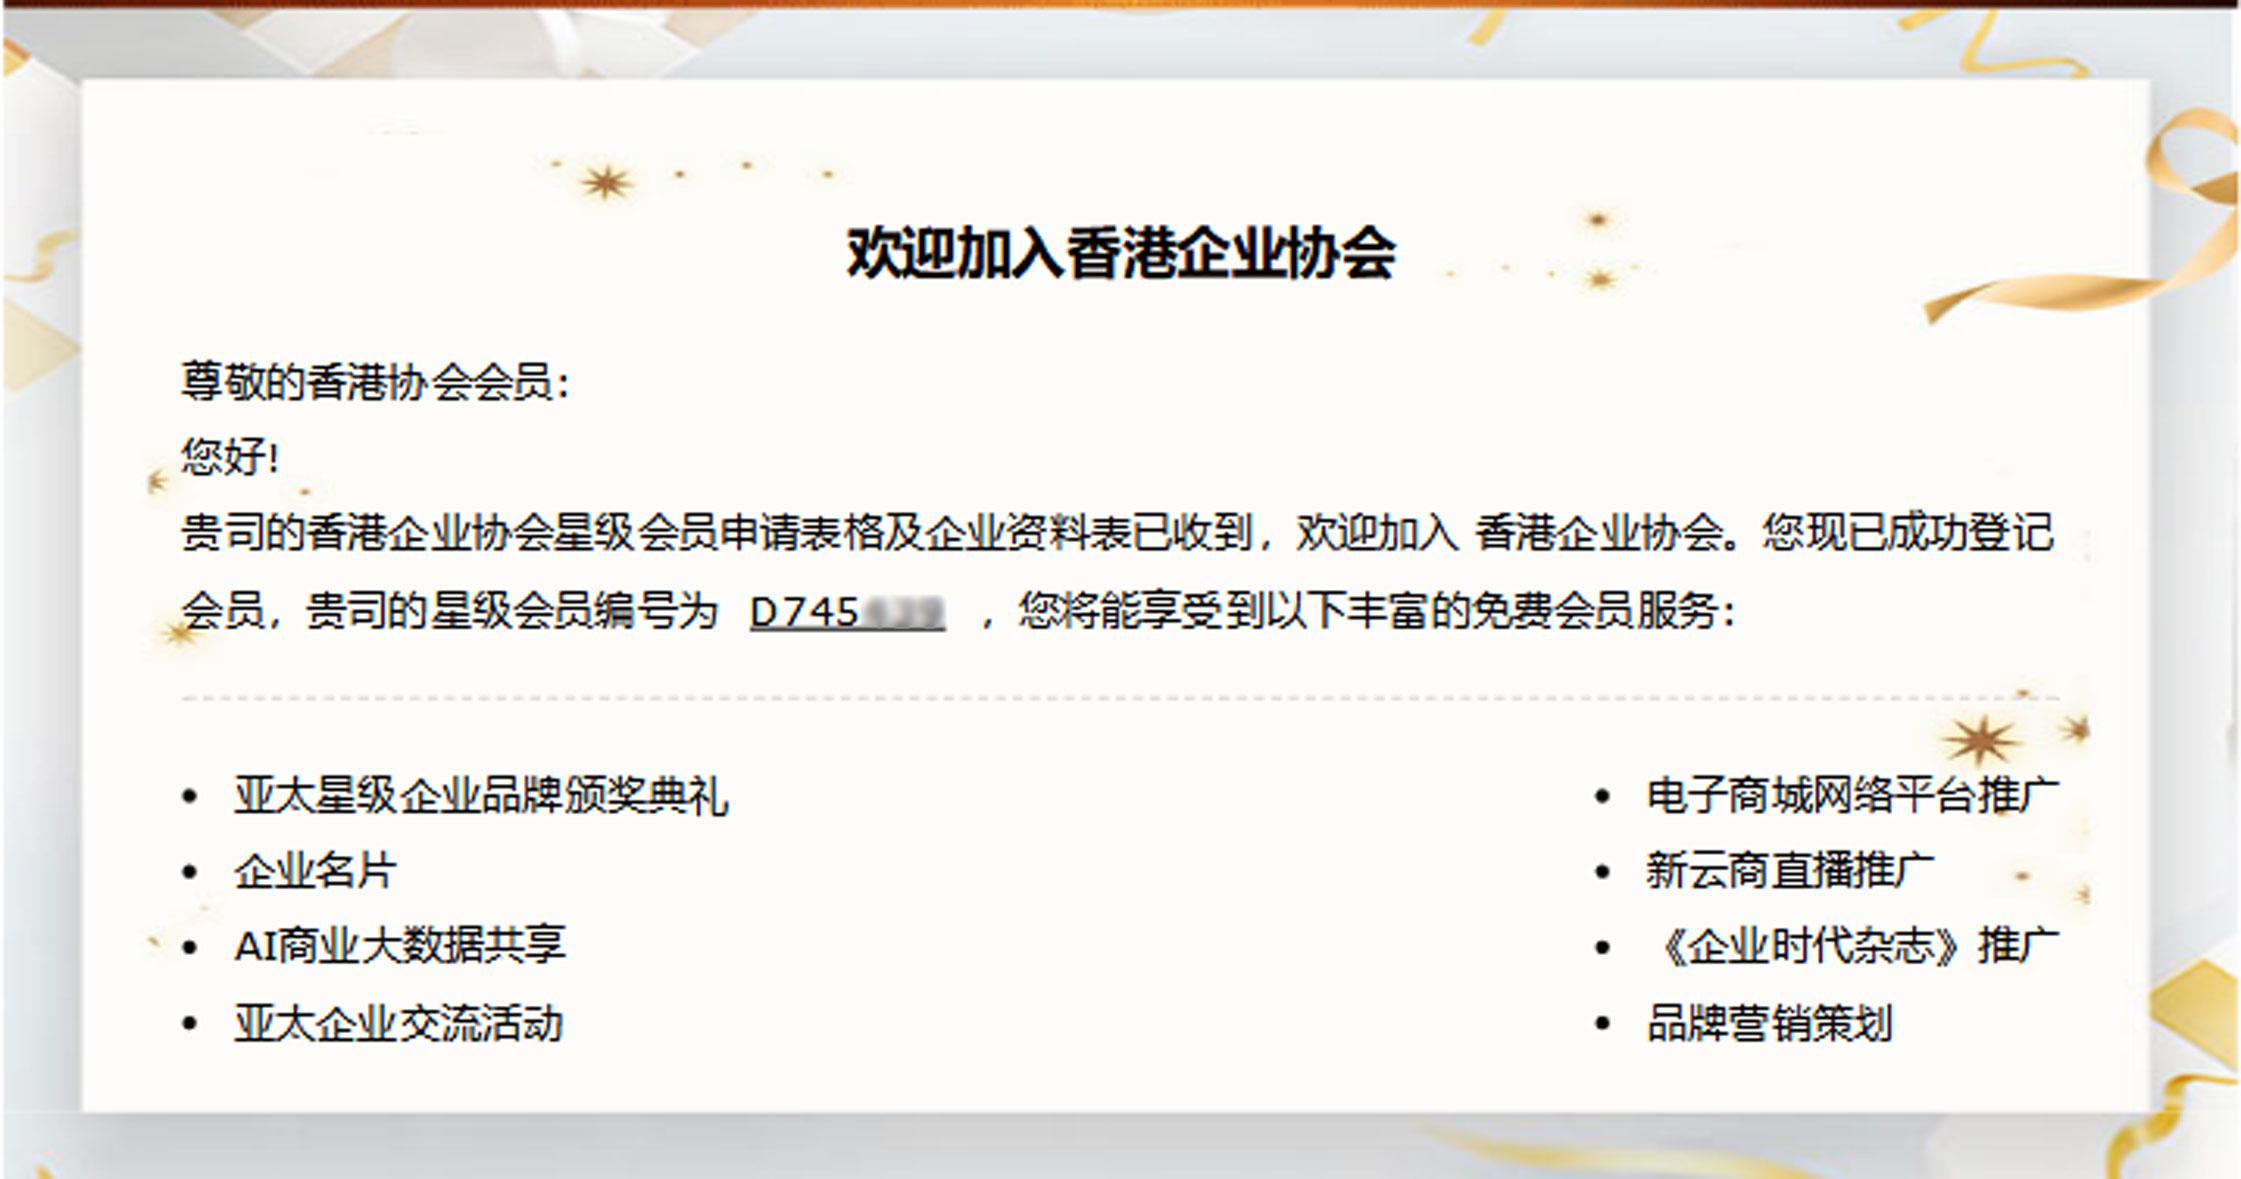 香港企业协会星级会员